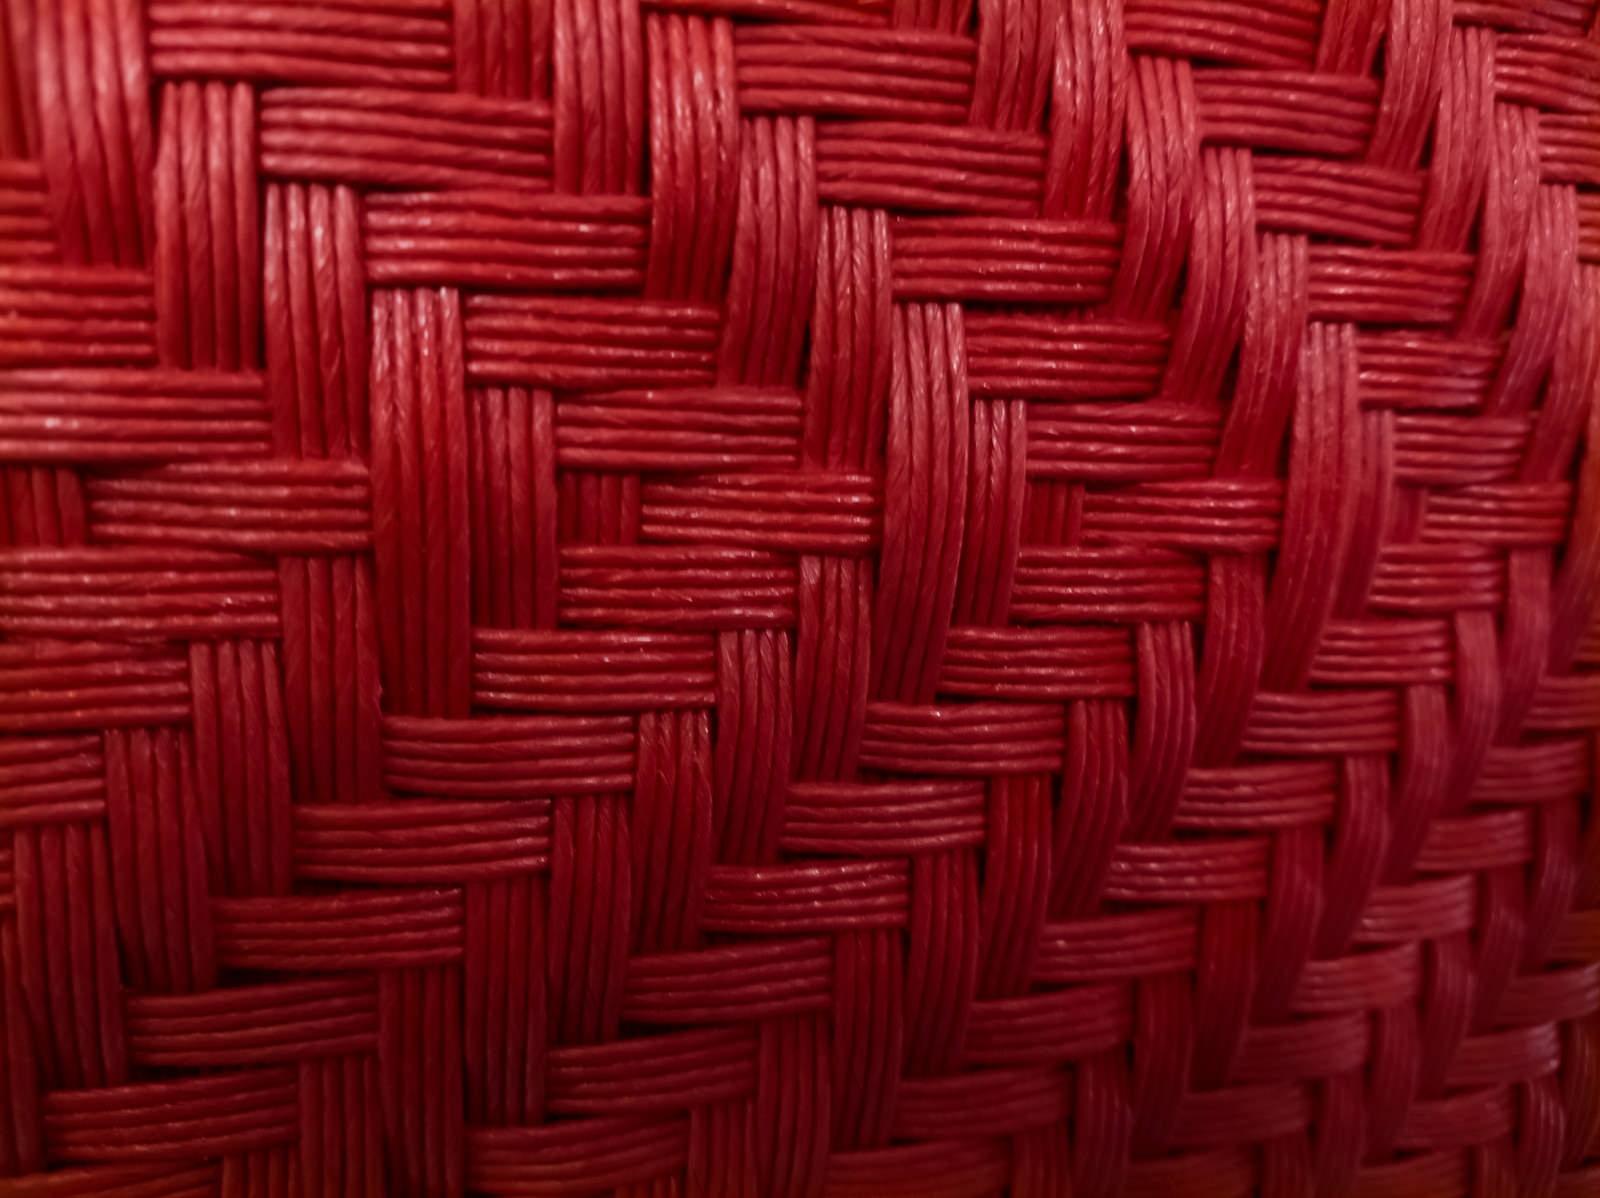 「深い赤色の編み目(テクスチャ)」の写真